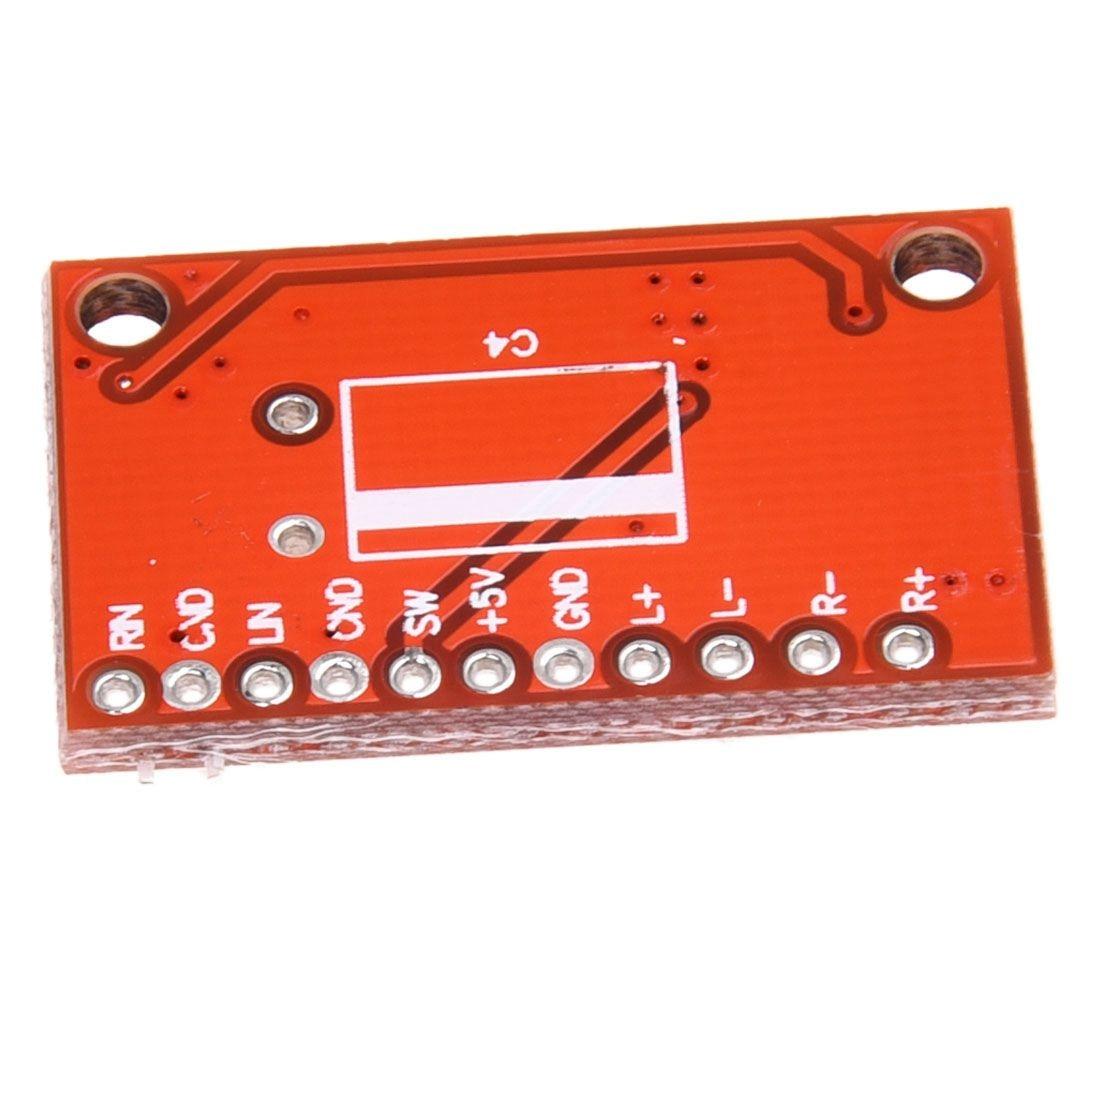 High-Power 2-Channel 3W PAM8403 Audio Super Mini Digital Red Amplifier Board